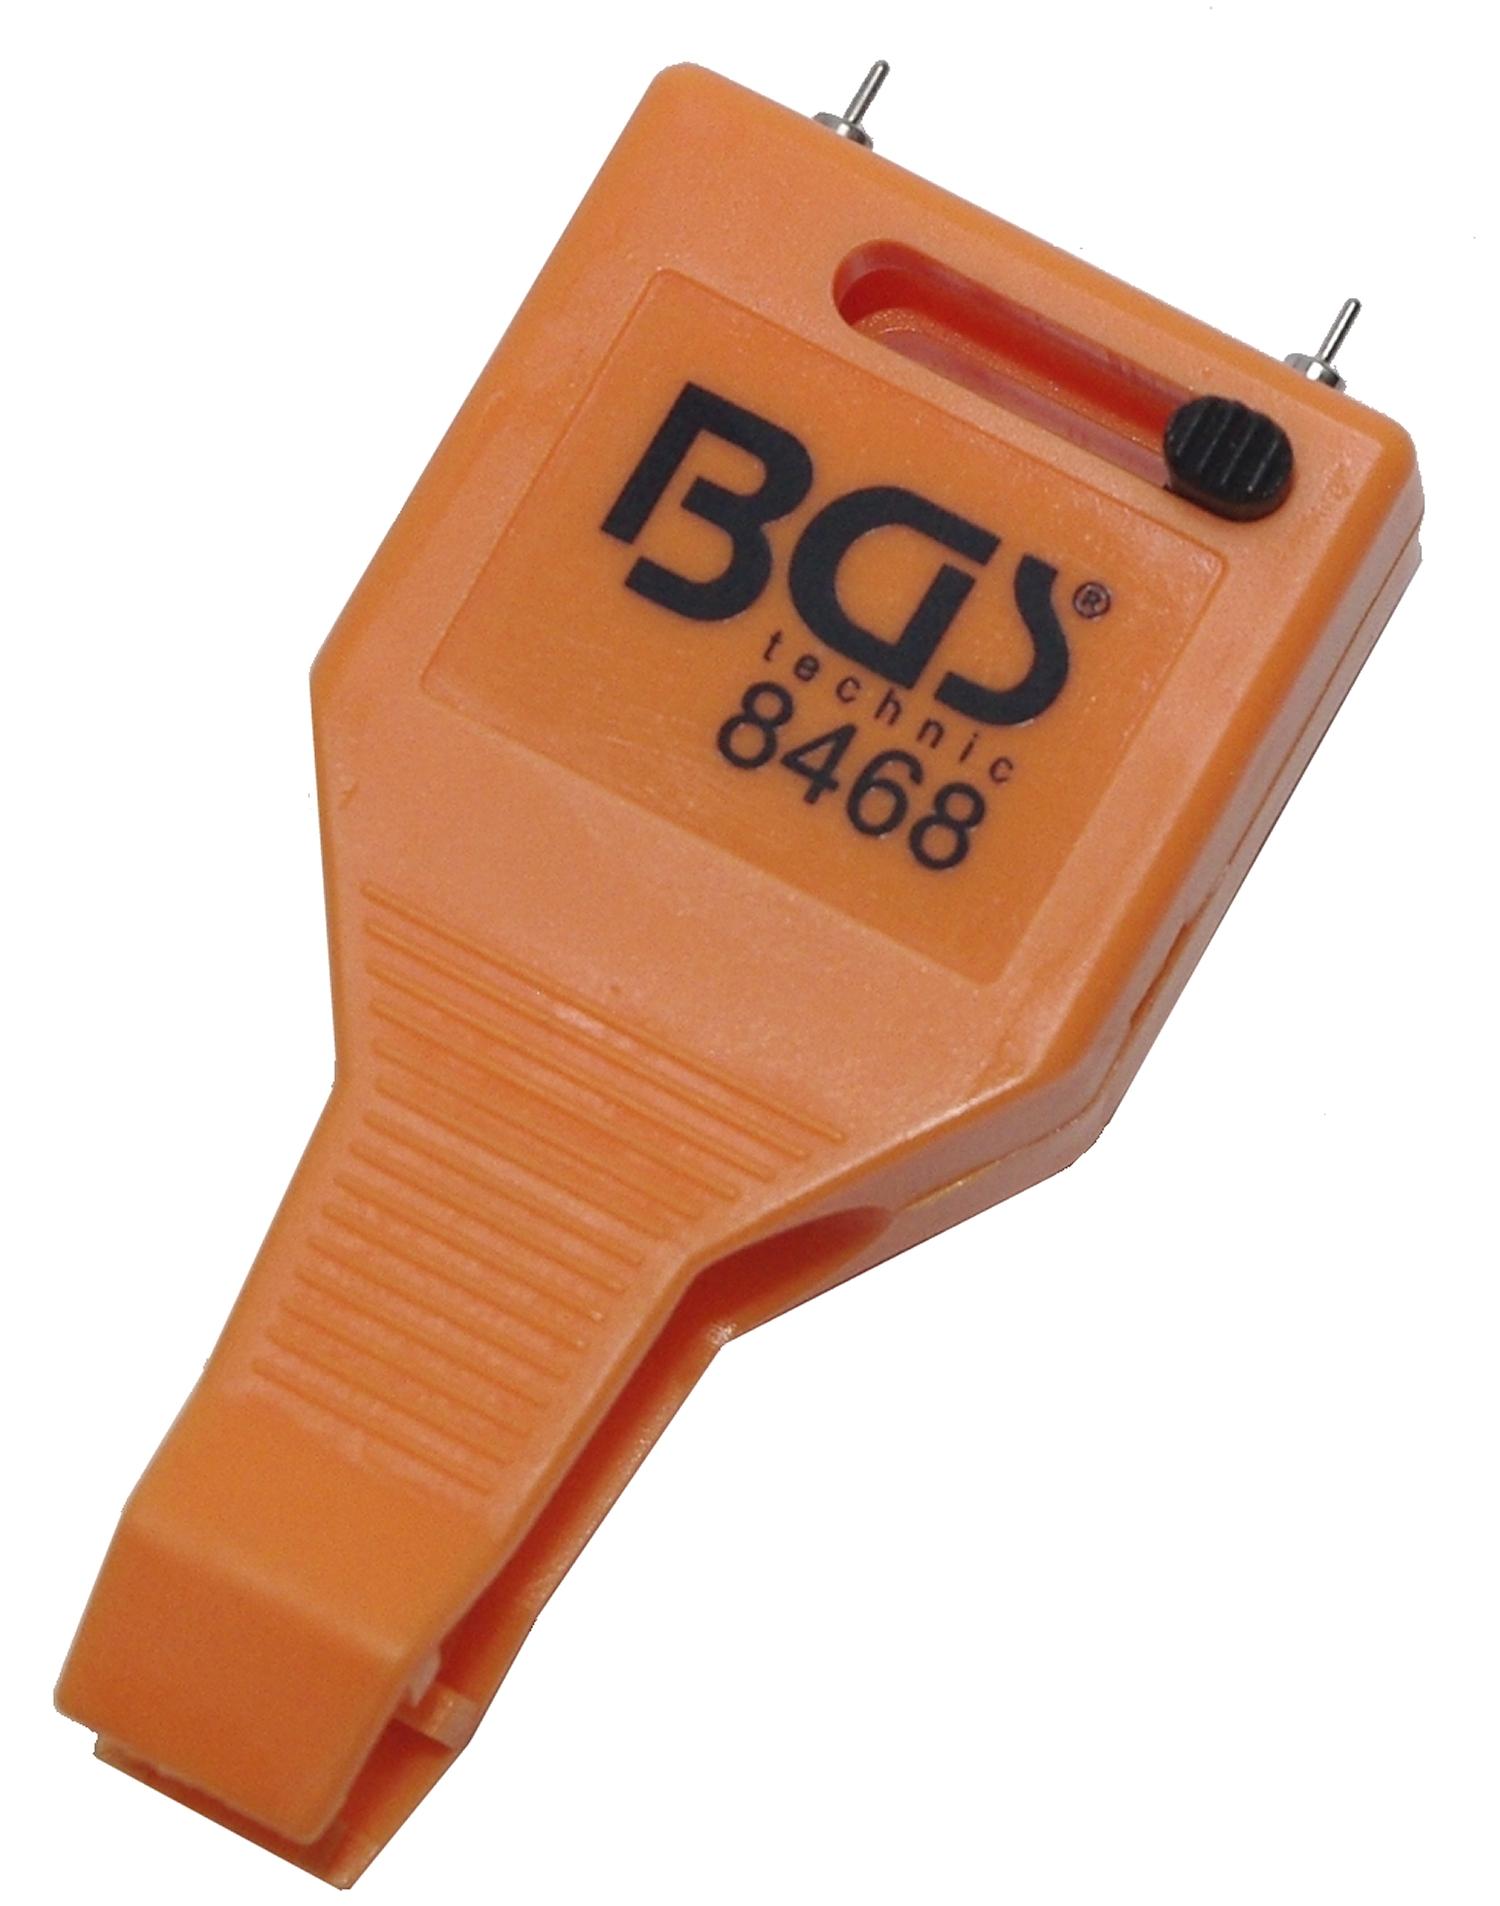 BGS 8468 Sicherungstester Sicherungsprüfer für KfZ Sicherungen mit Sicherungszieher